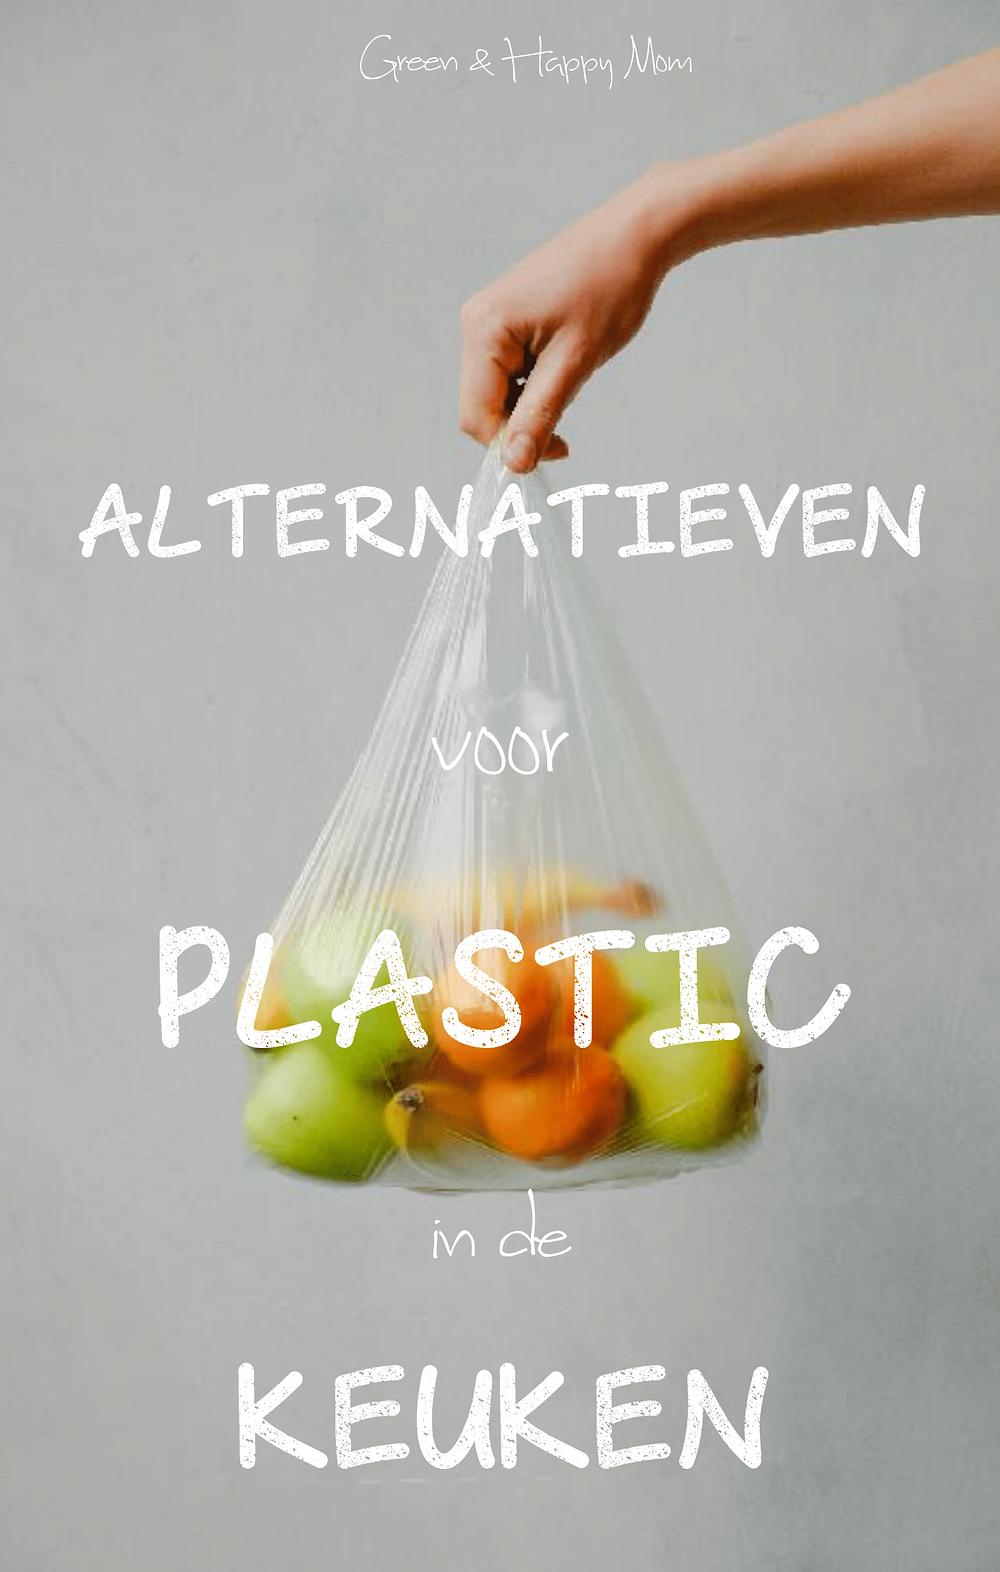 alternatieven voor plastic in de keuken